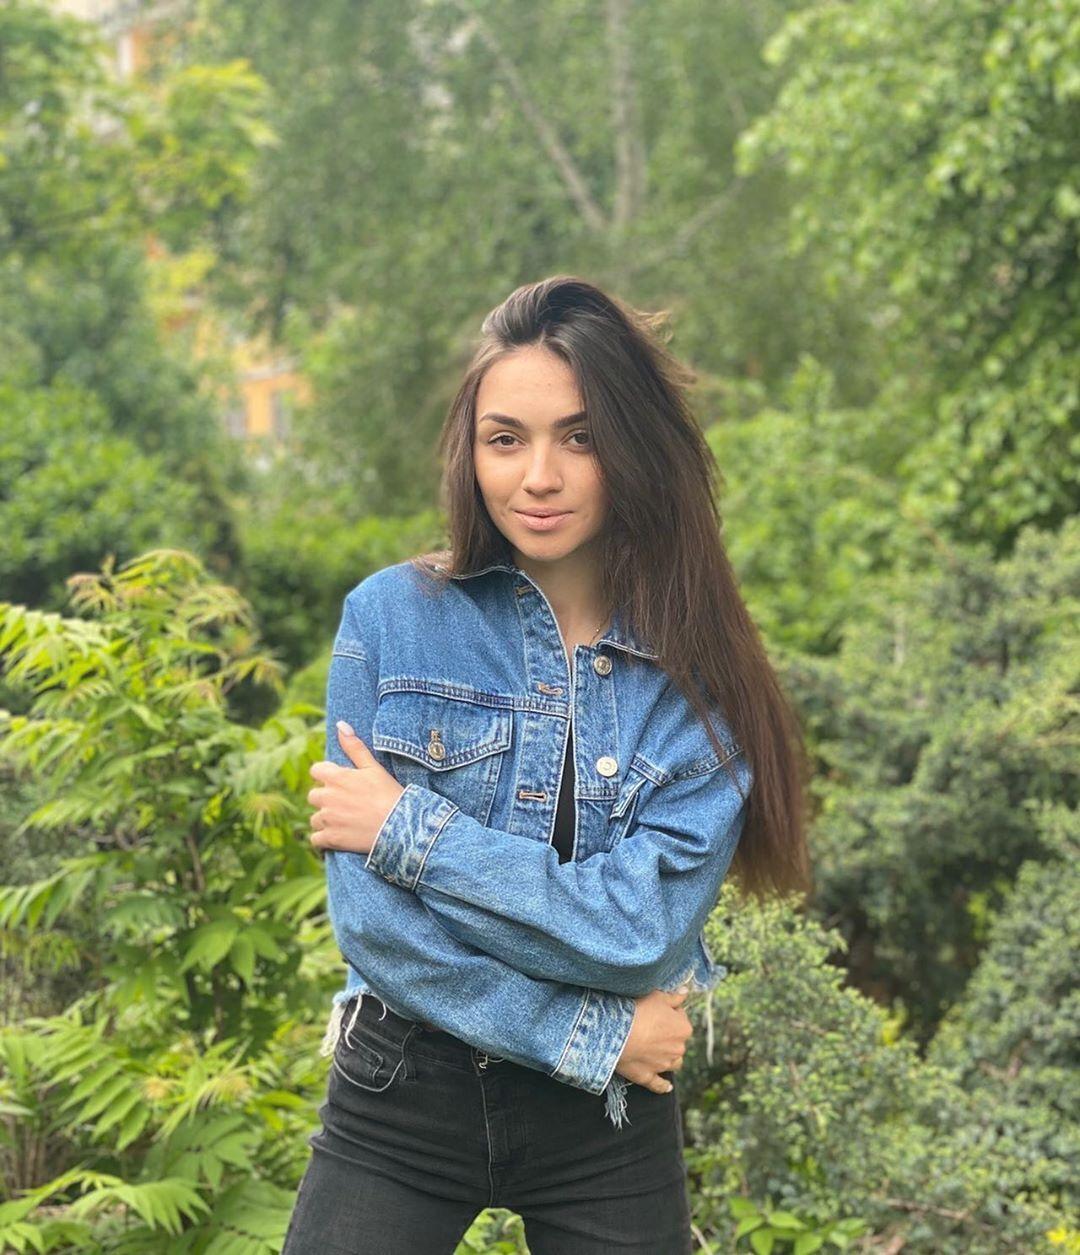 Катя Вандина в джинсовой куртке